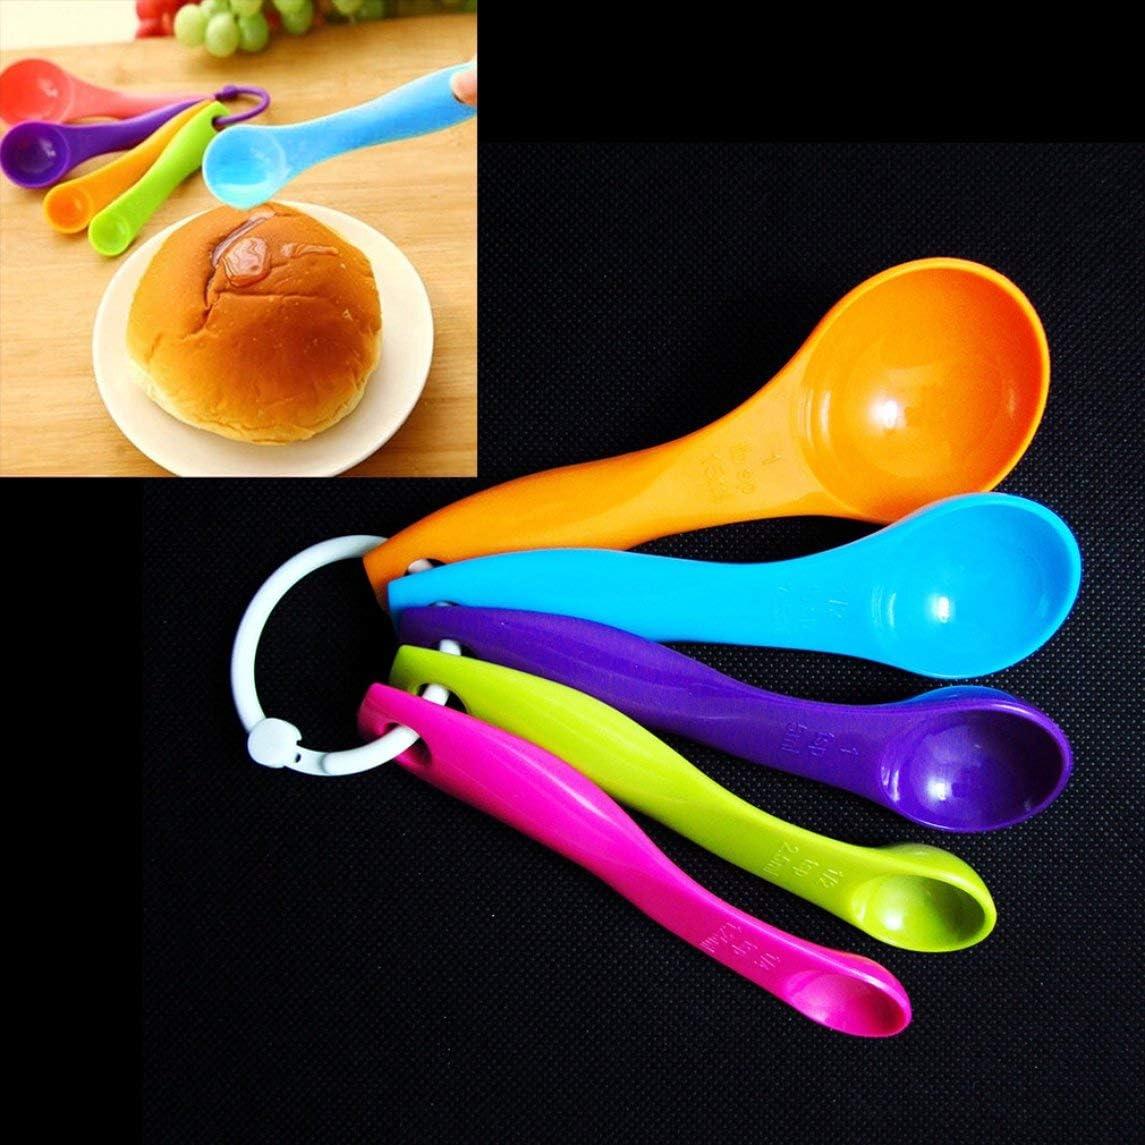 Cucharas medidoras Cucharadita de pl/ástico Az/úcar Pastel Cuchara para hornear Leche en polvo Utensilios de cocina Utensilios de cocina 5 uds